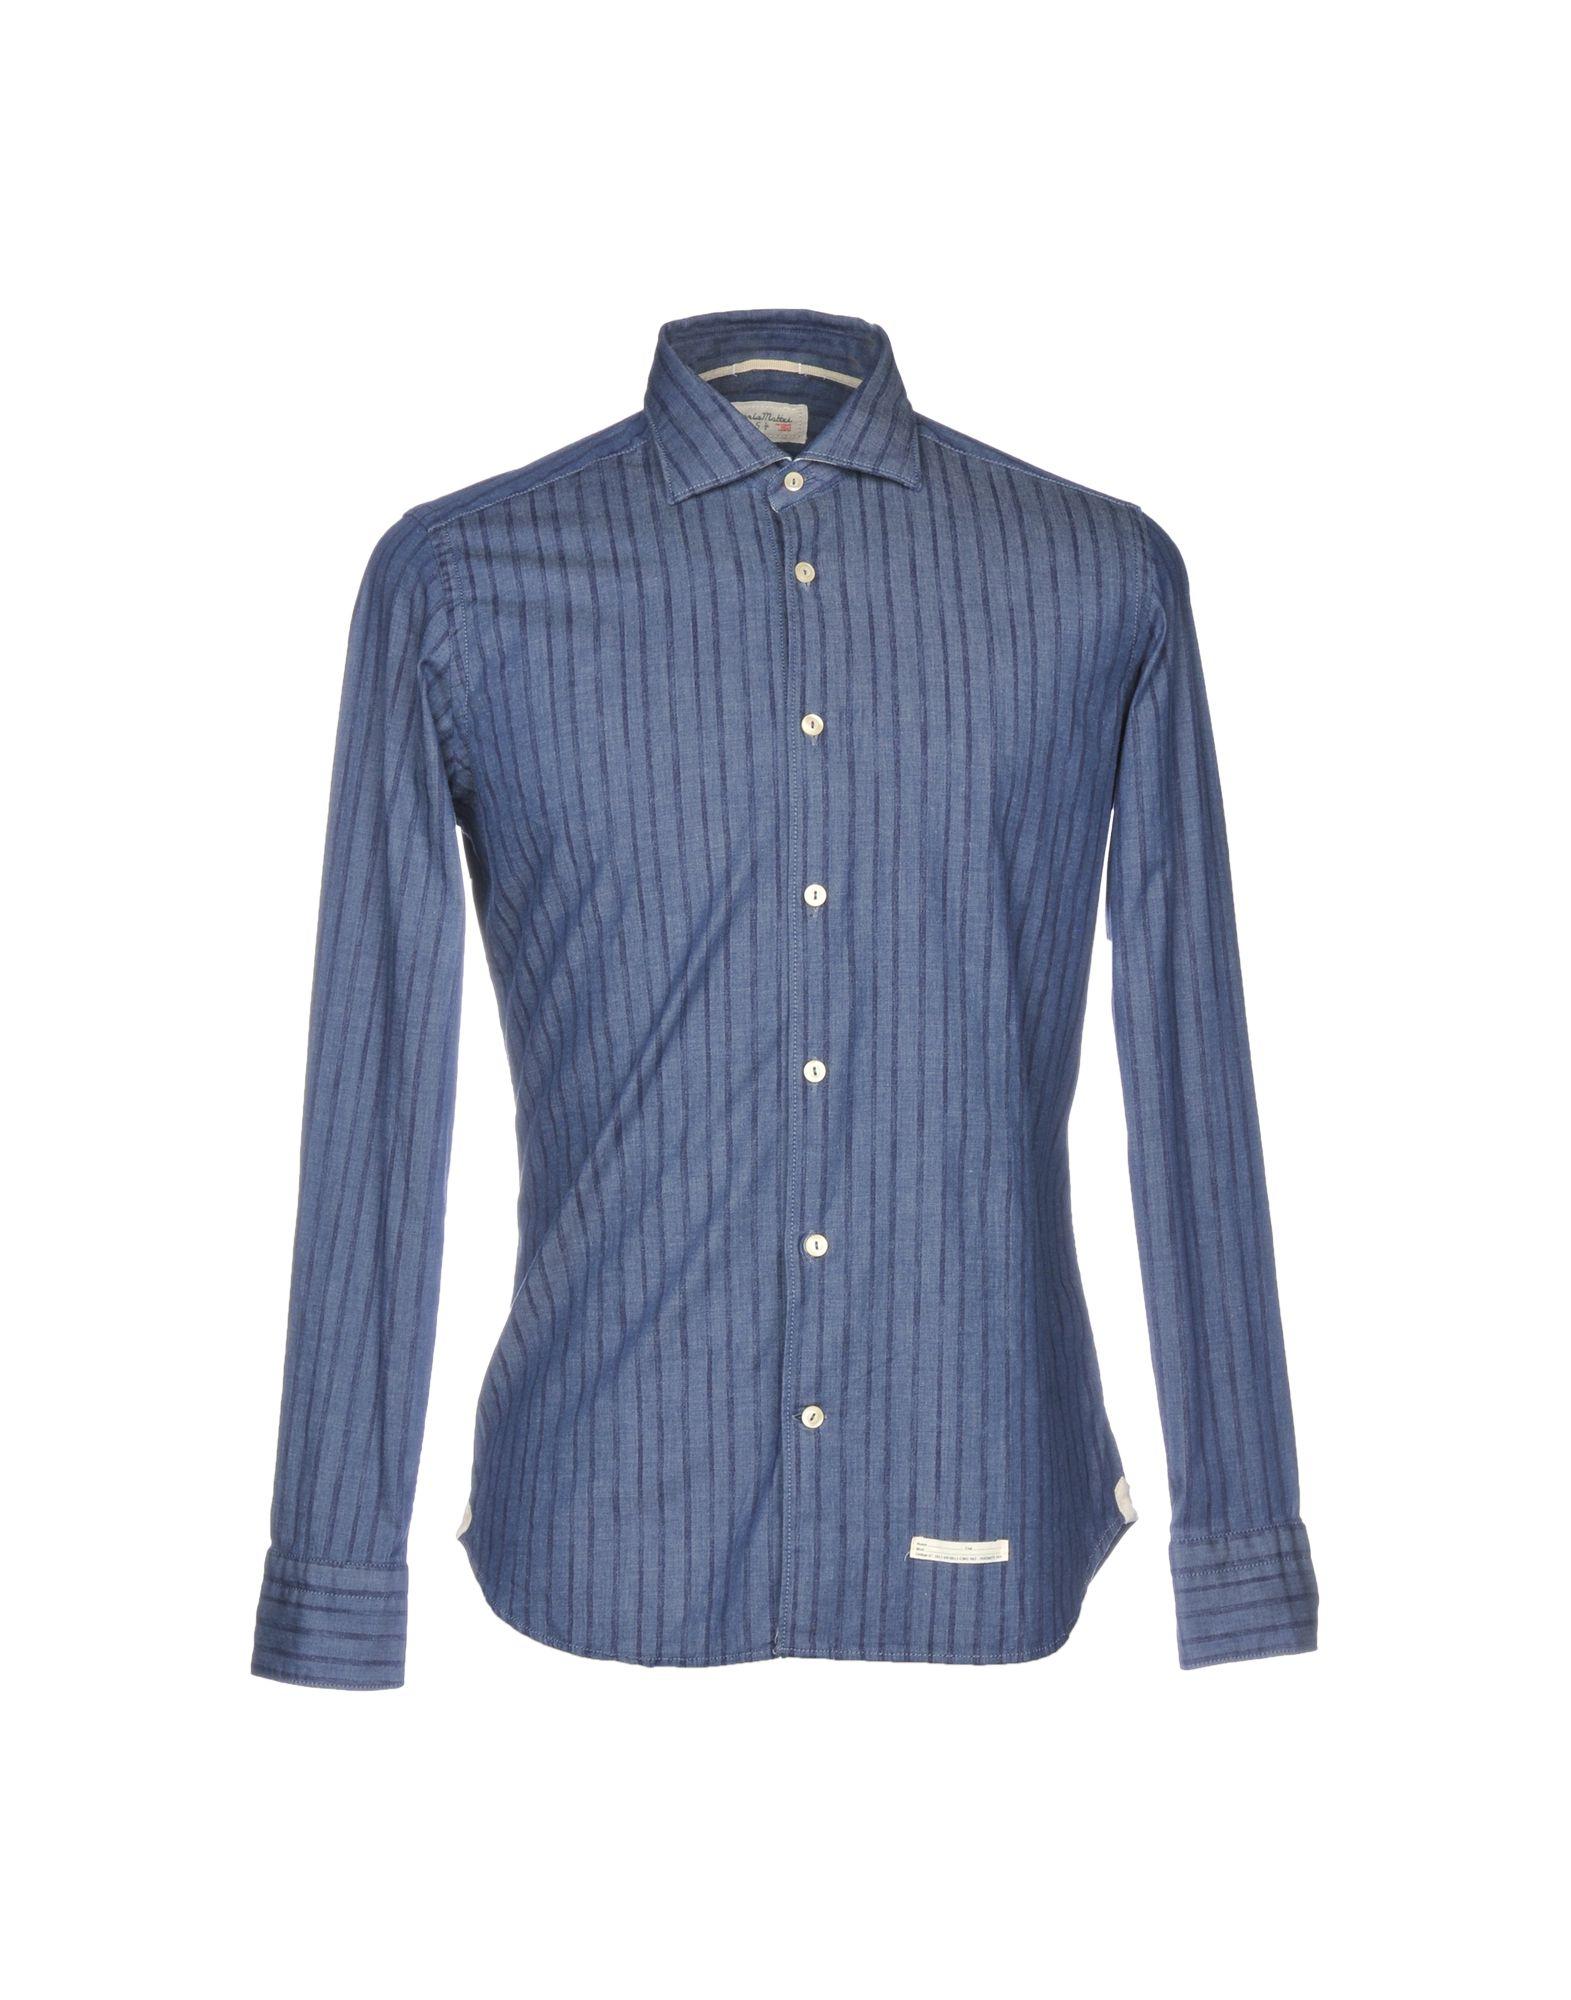 Camicia Jeans Tintoria Tintoria Jeans Mattei 954 Uomo - 42687148PQ b82b24